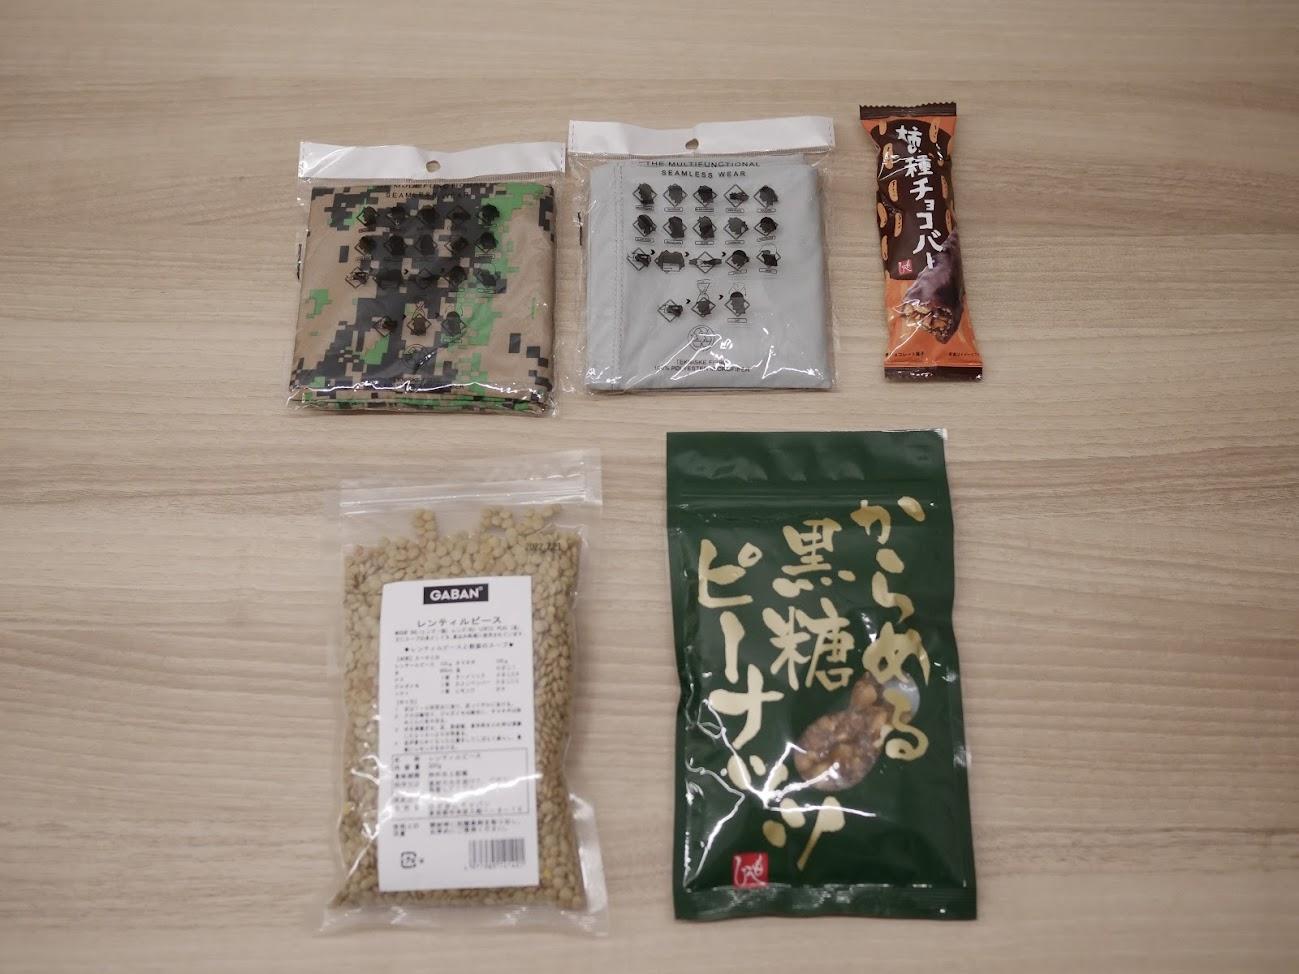 からめる黒糖ピーナッツとレンズ豆と、柿の種チョコバーと、バフ2種類のセット